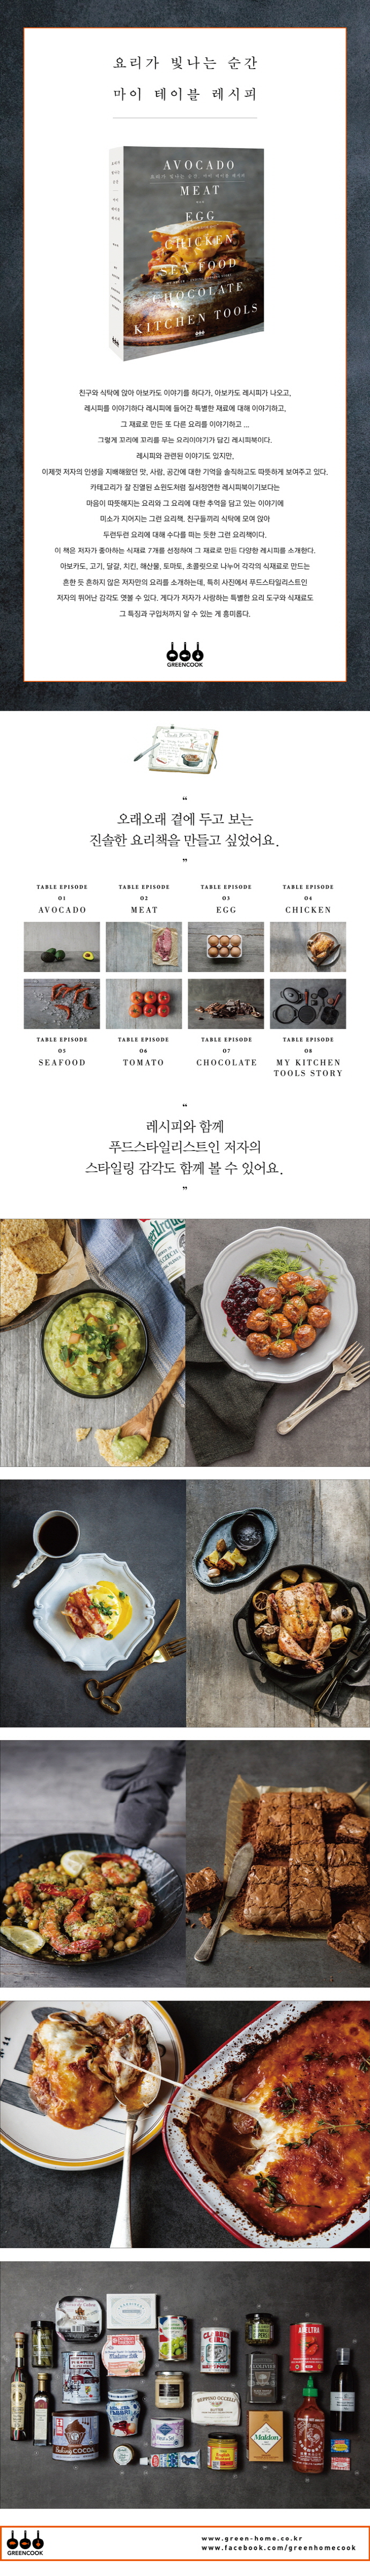 요리가 빛나는 순간, 마이 테이블 레시피(친구야, 이거 요리해 봤어?) 도서 상세이미지